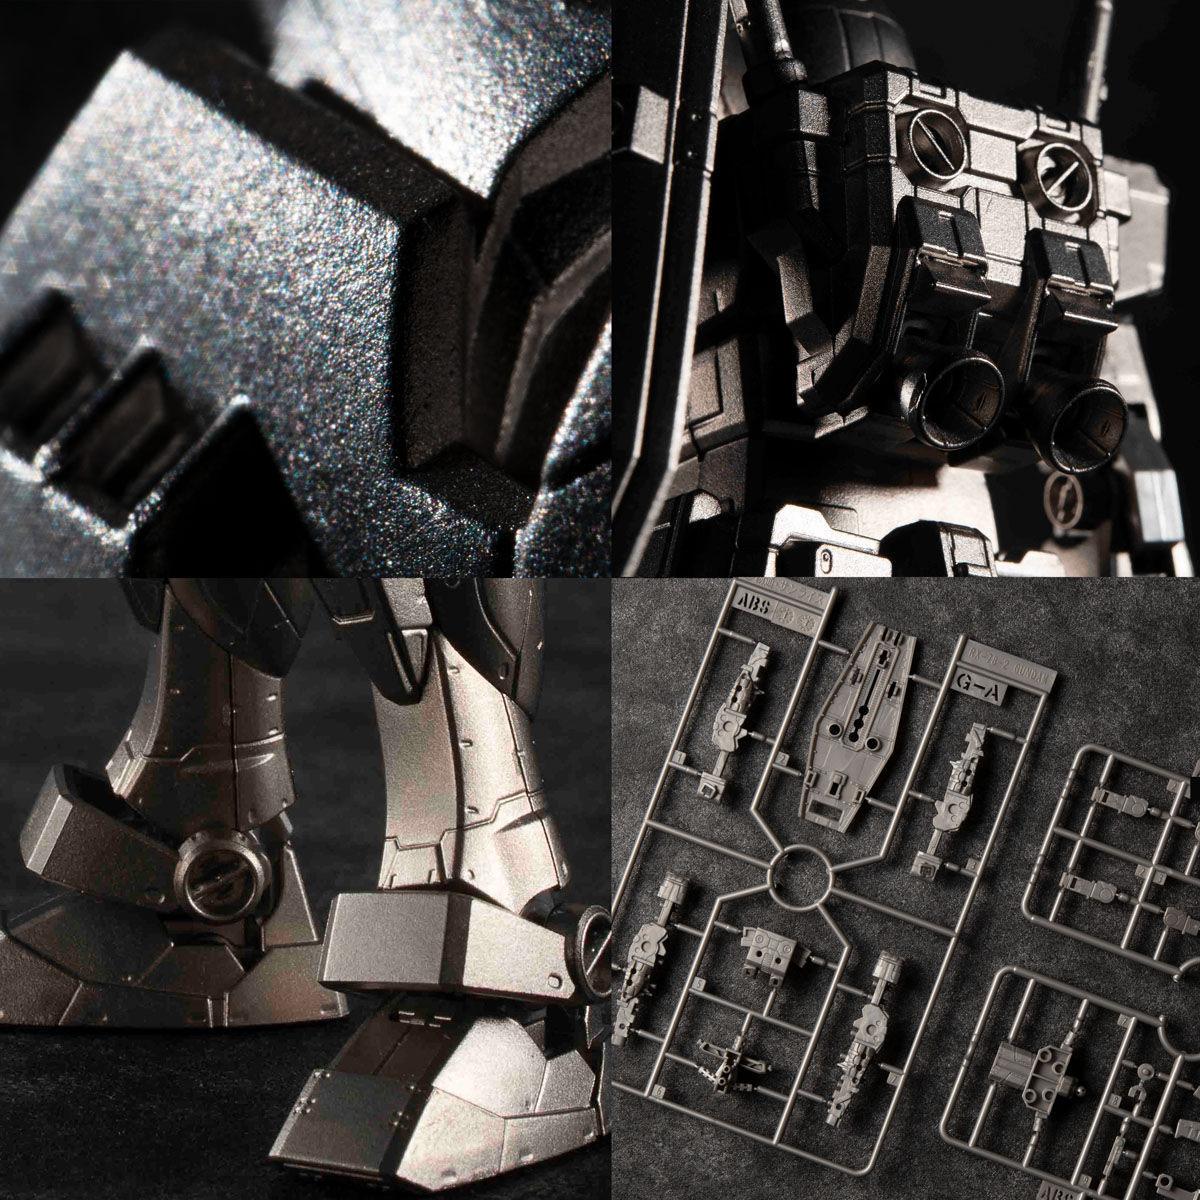 【限定販売】【再販】ガンダリウム合金モデル『RX-78-2 ガンダム』1/144 合金モデル-009